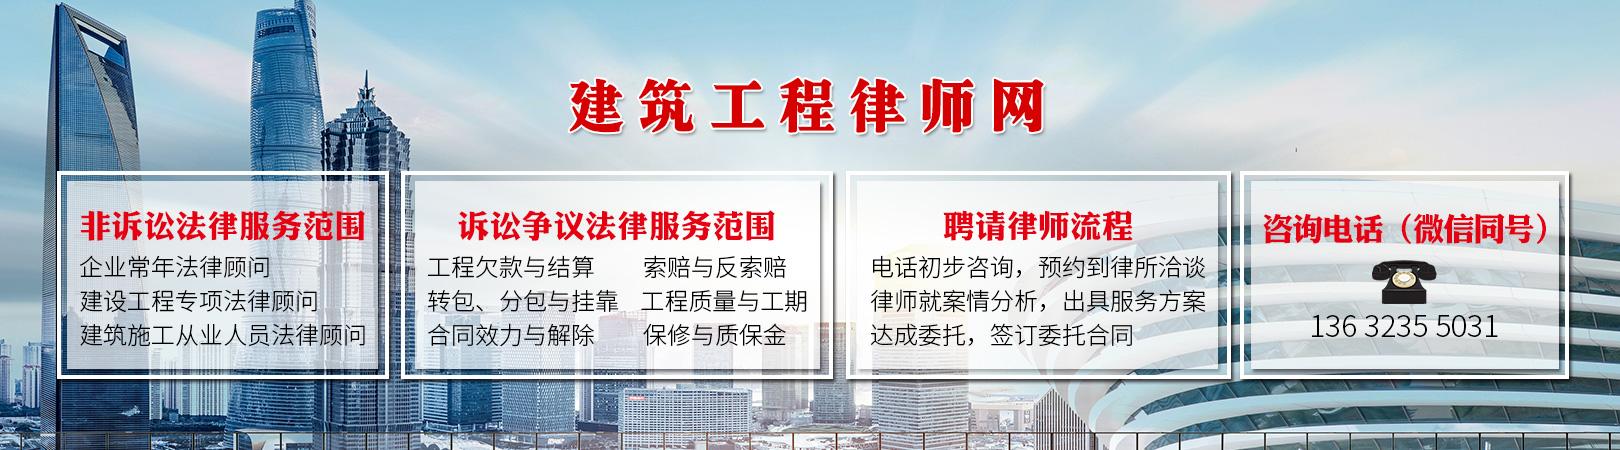 广州工程款追讨律师